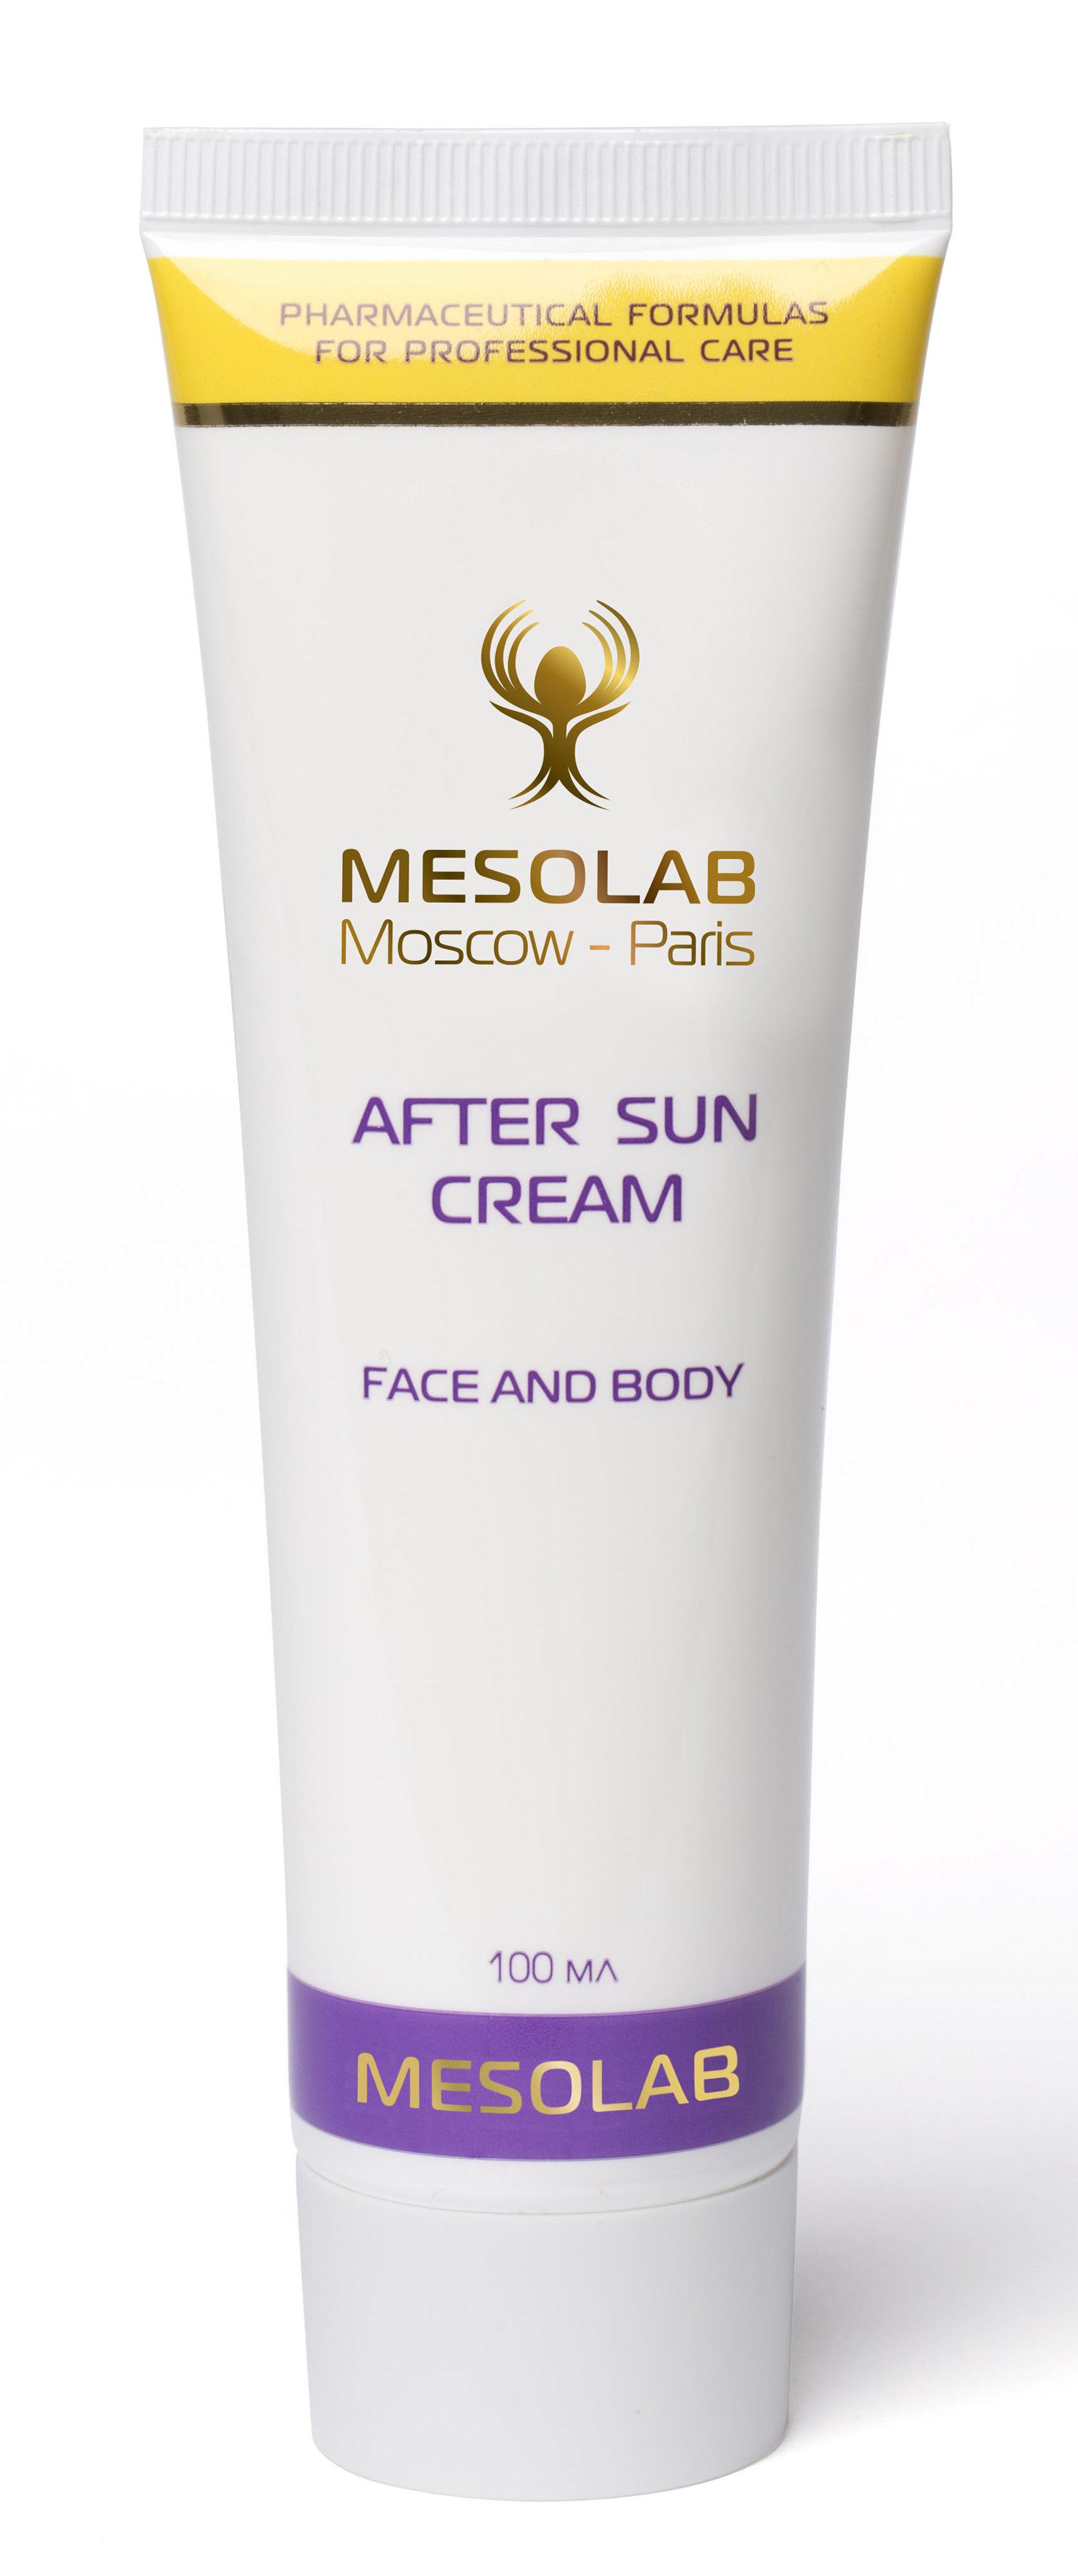 MESOLAB Крем солнечный после загара / AFTER SUN CREAM 100 мл -  Кремы